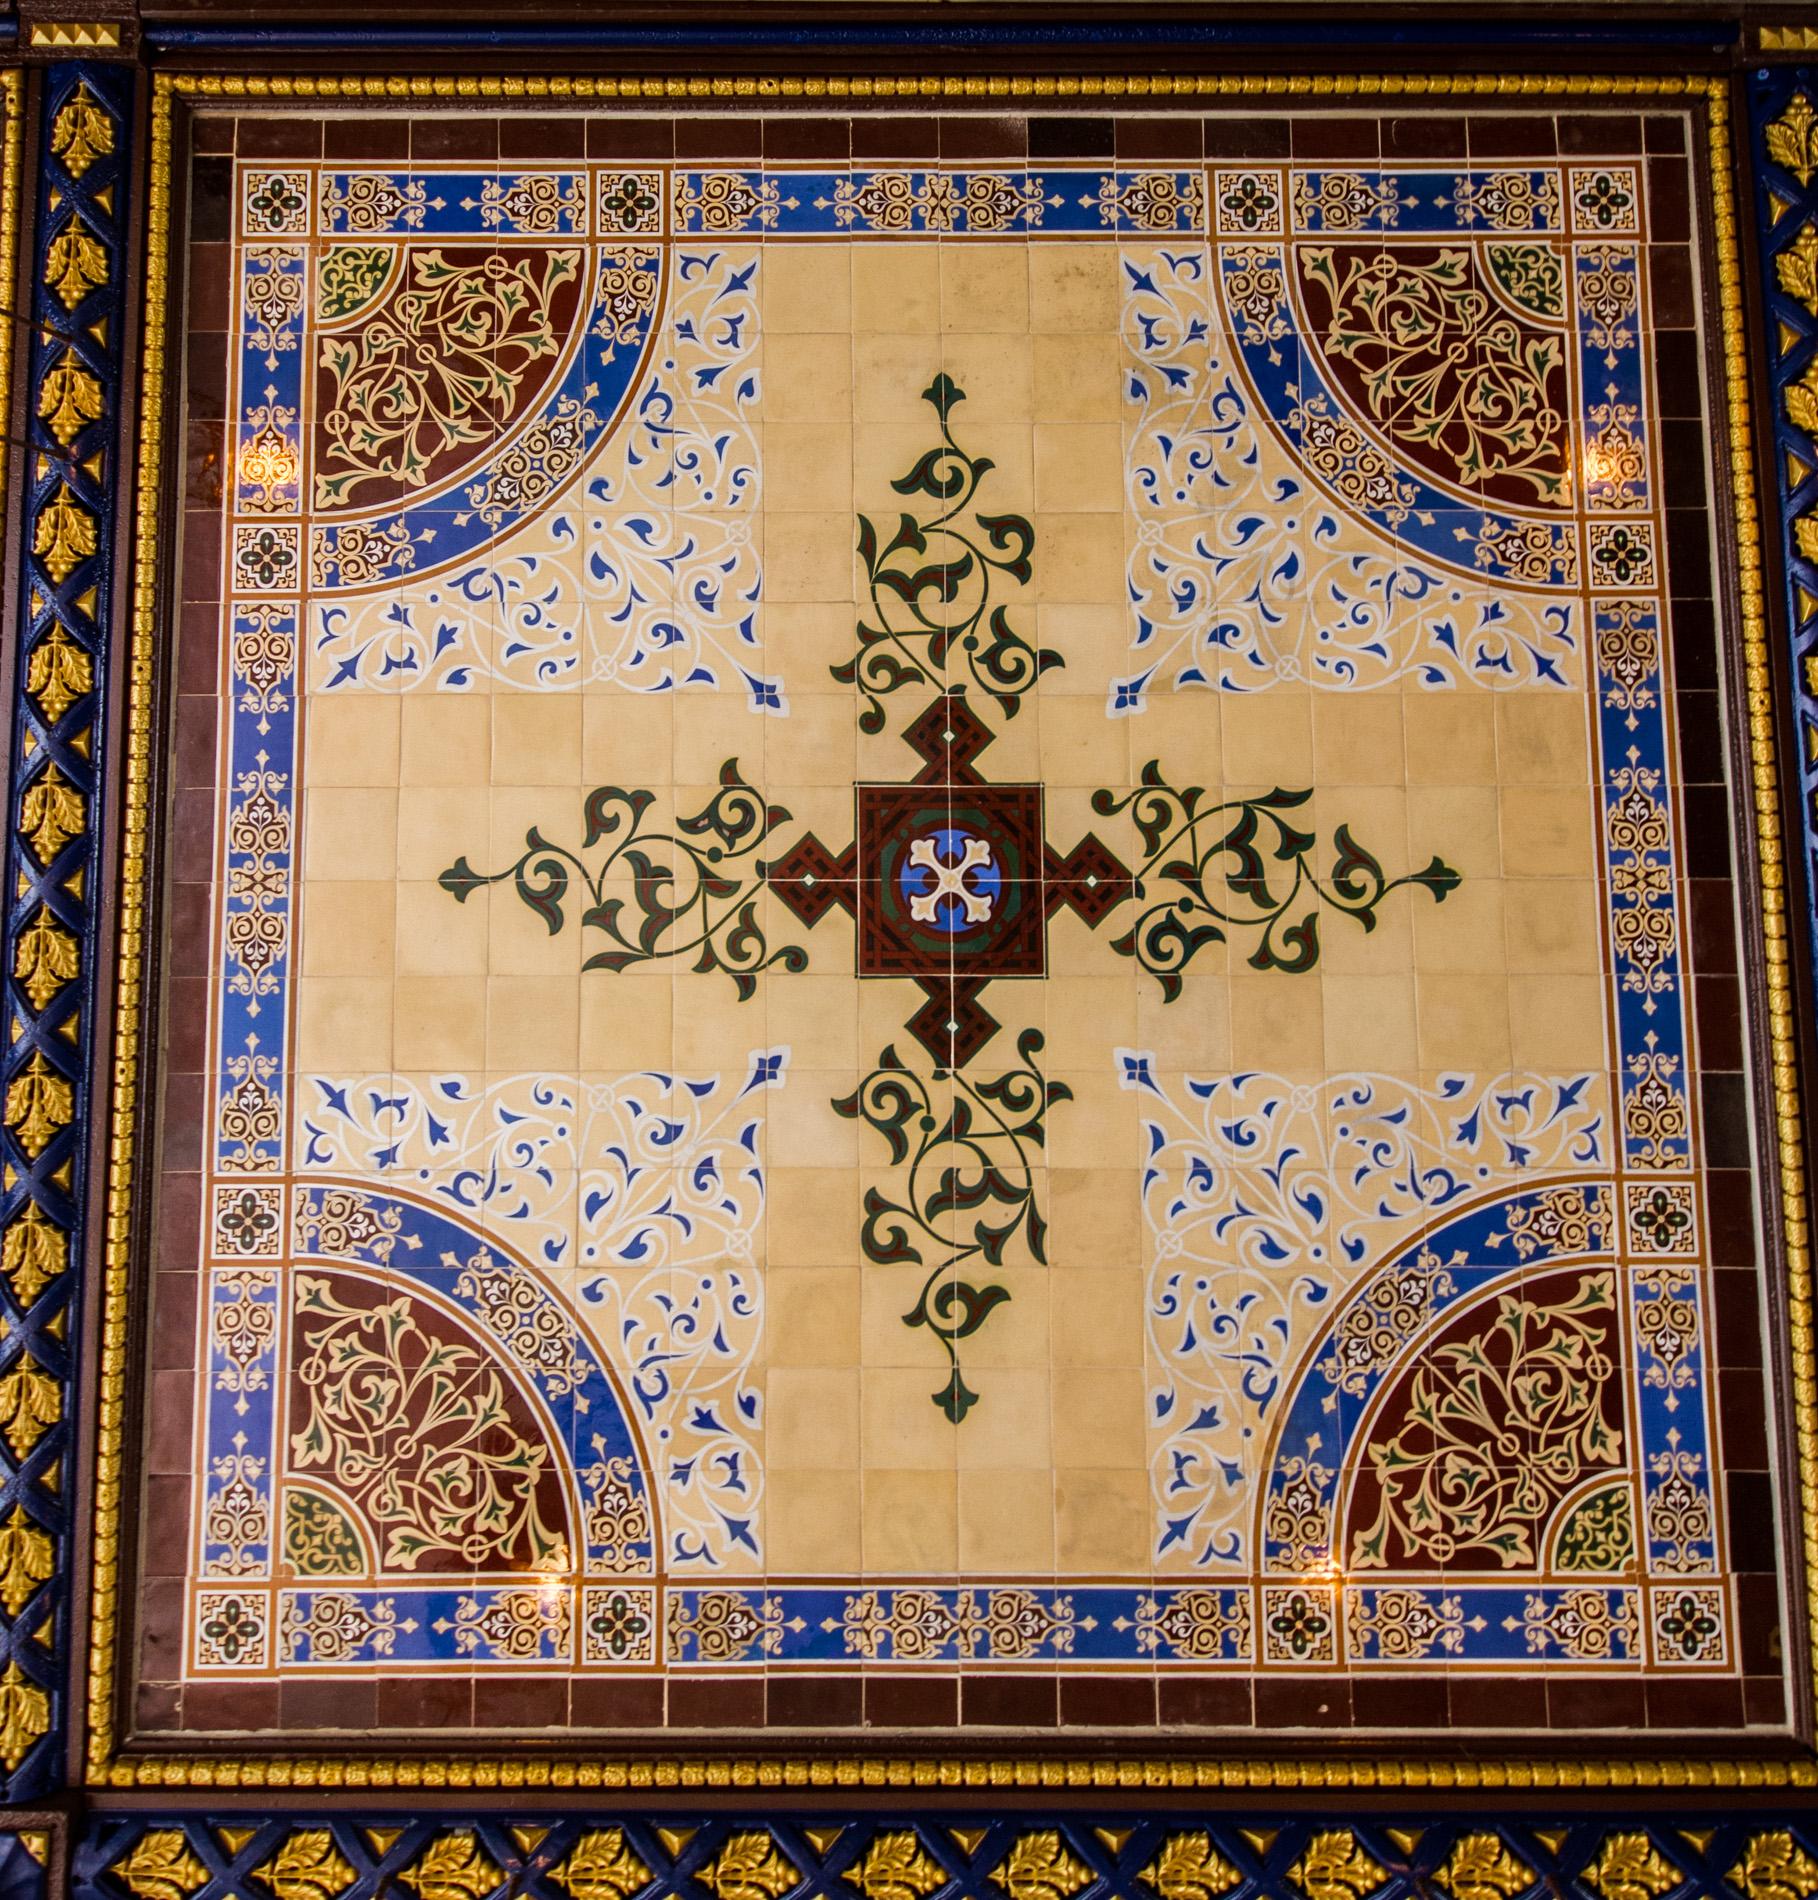 Minton Tile Ceiling [4204]